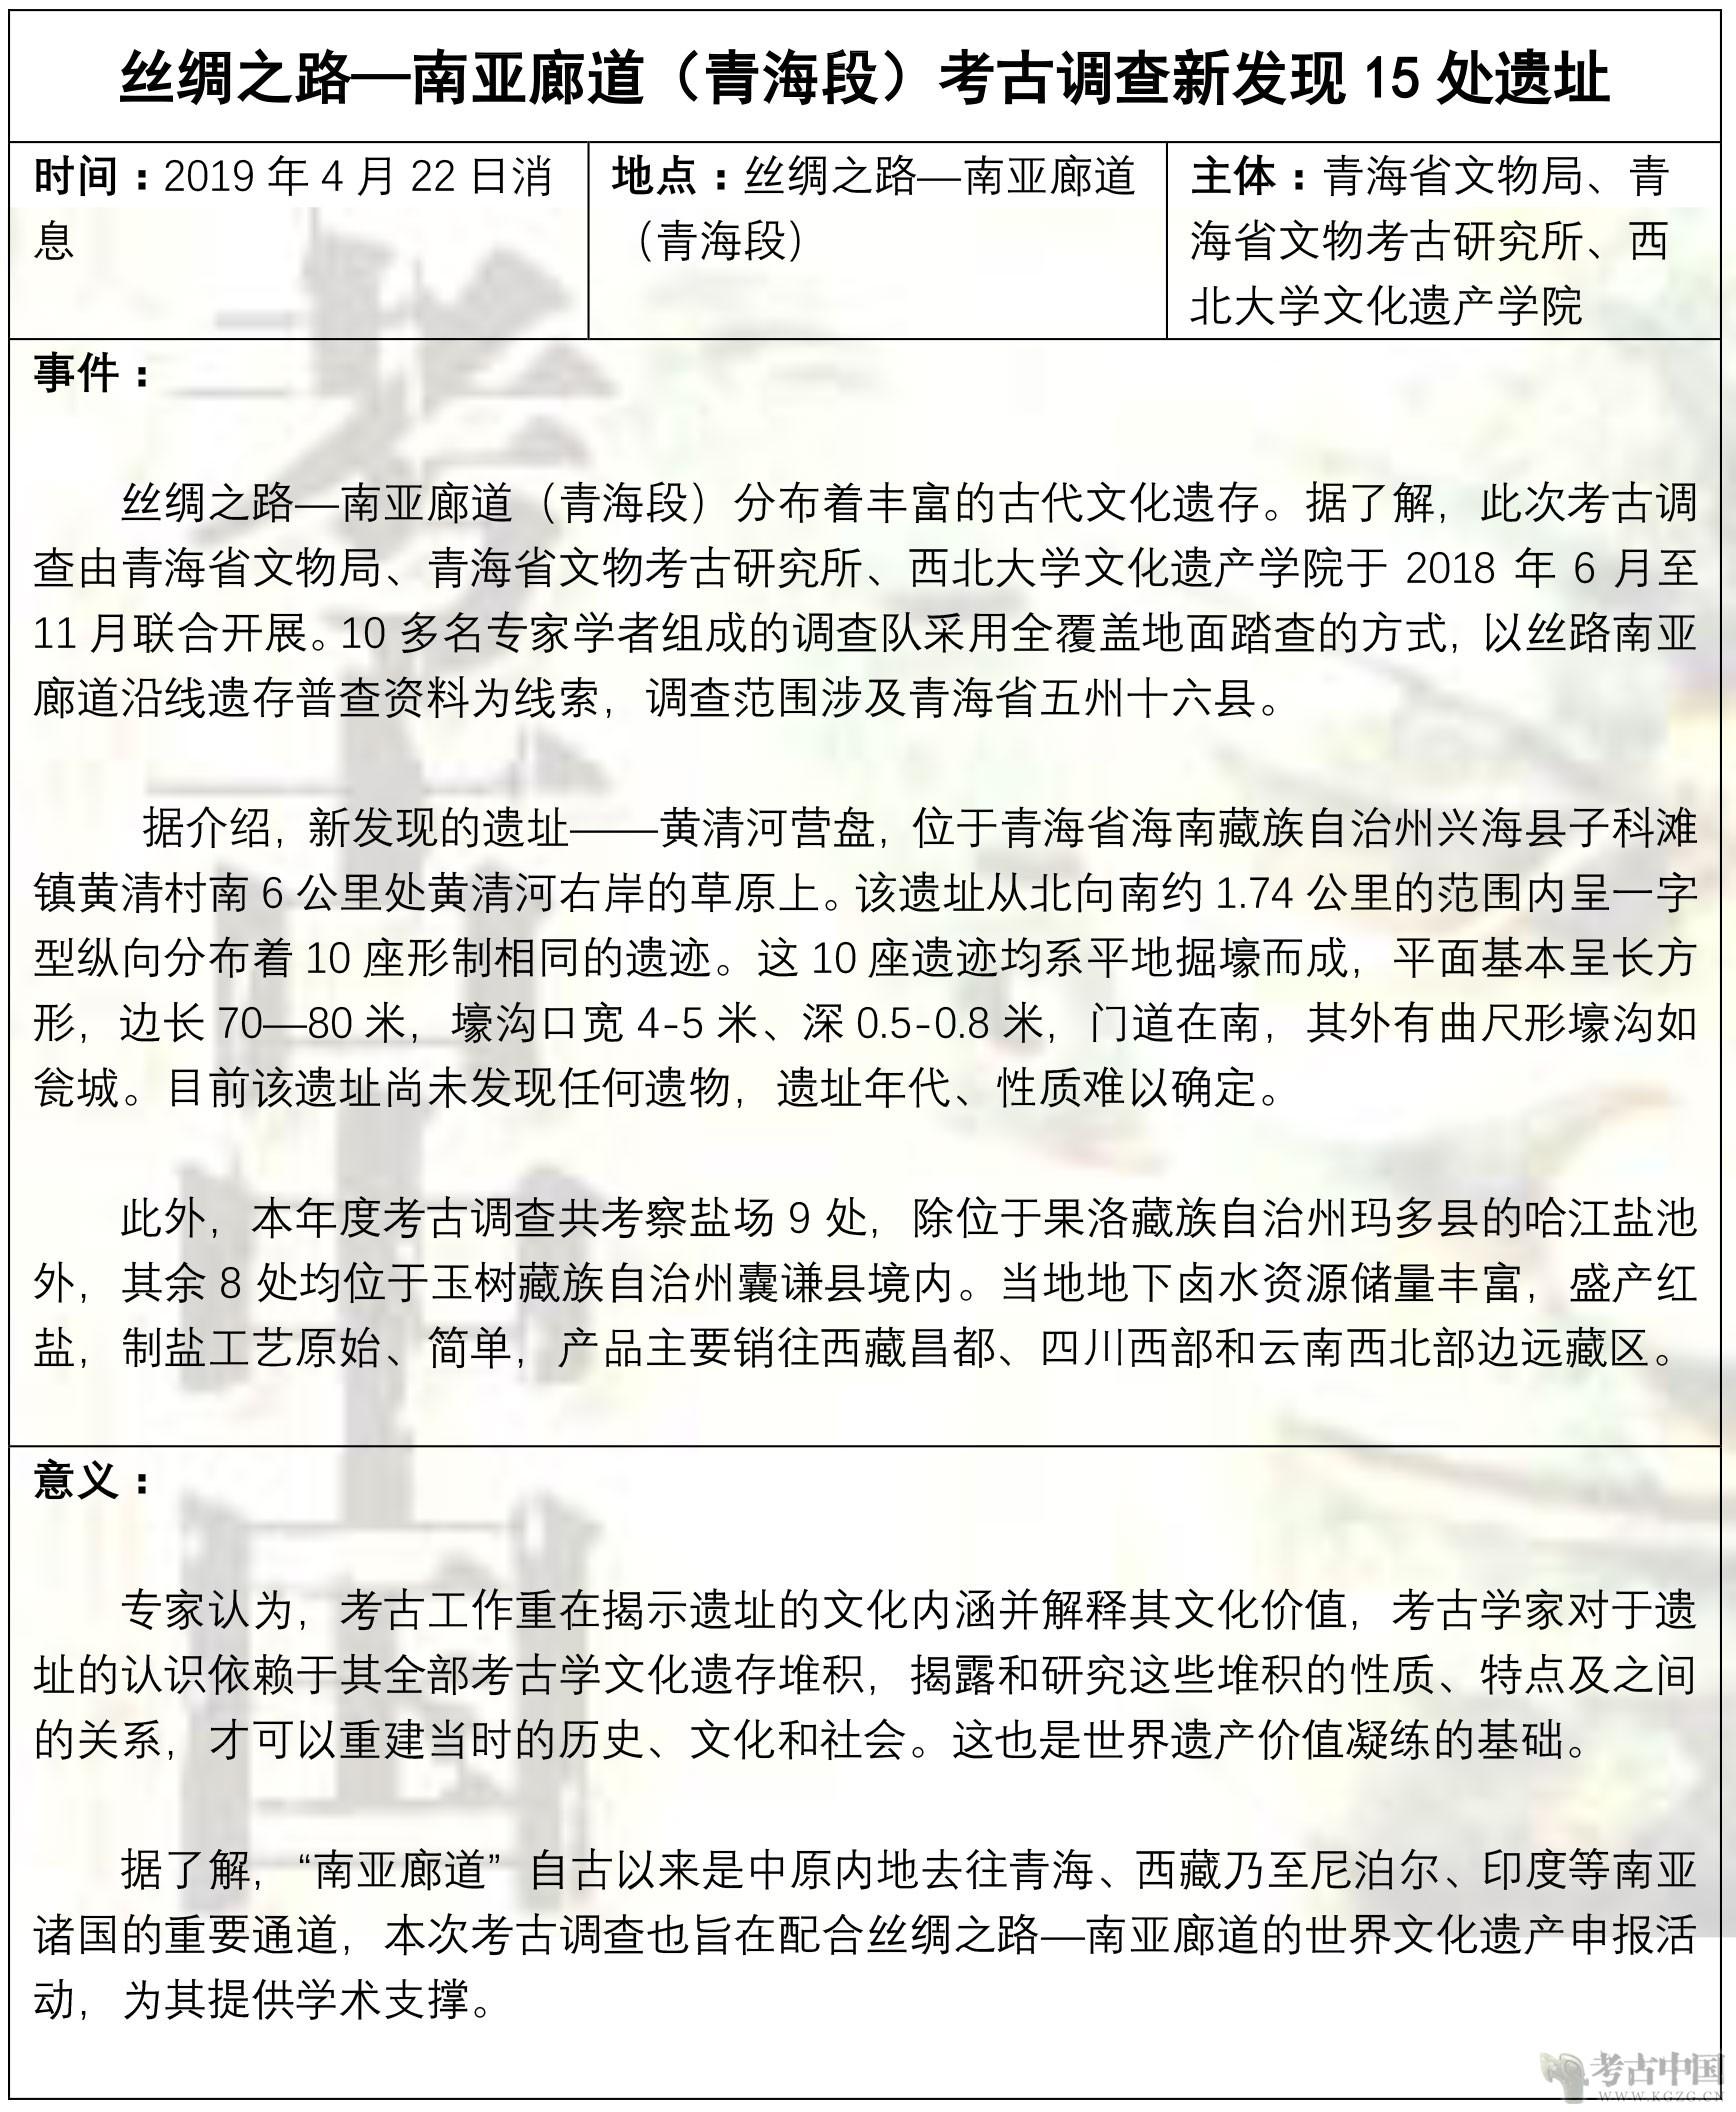 丝绸之路—南亚廊道(青海段)考古调查新发现15处遗址